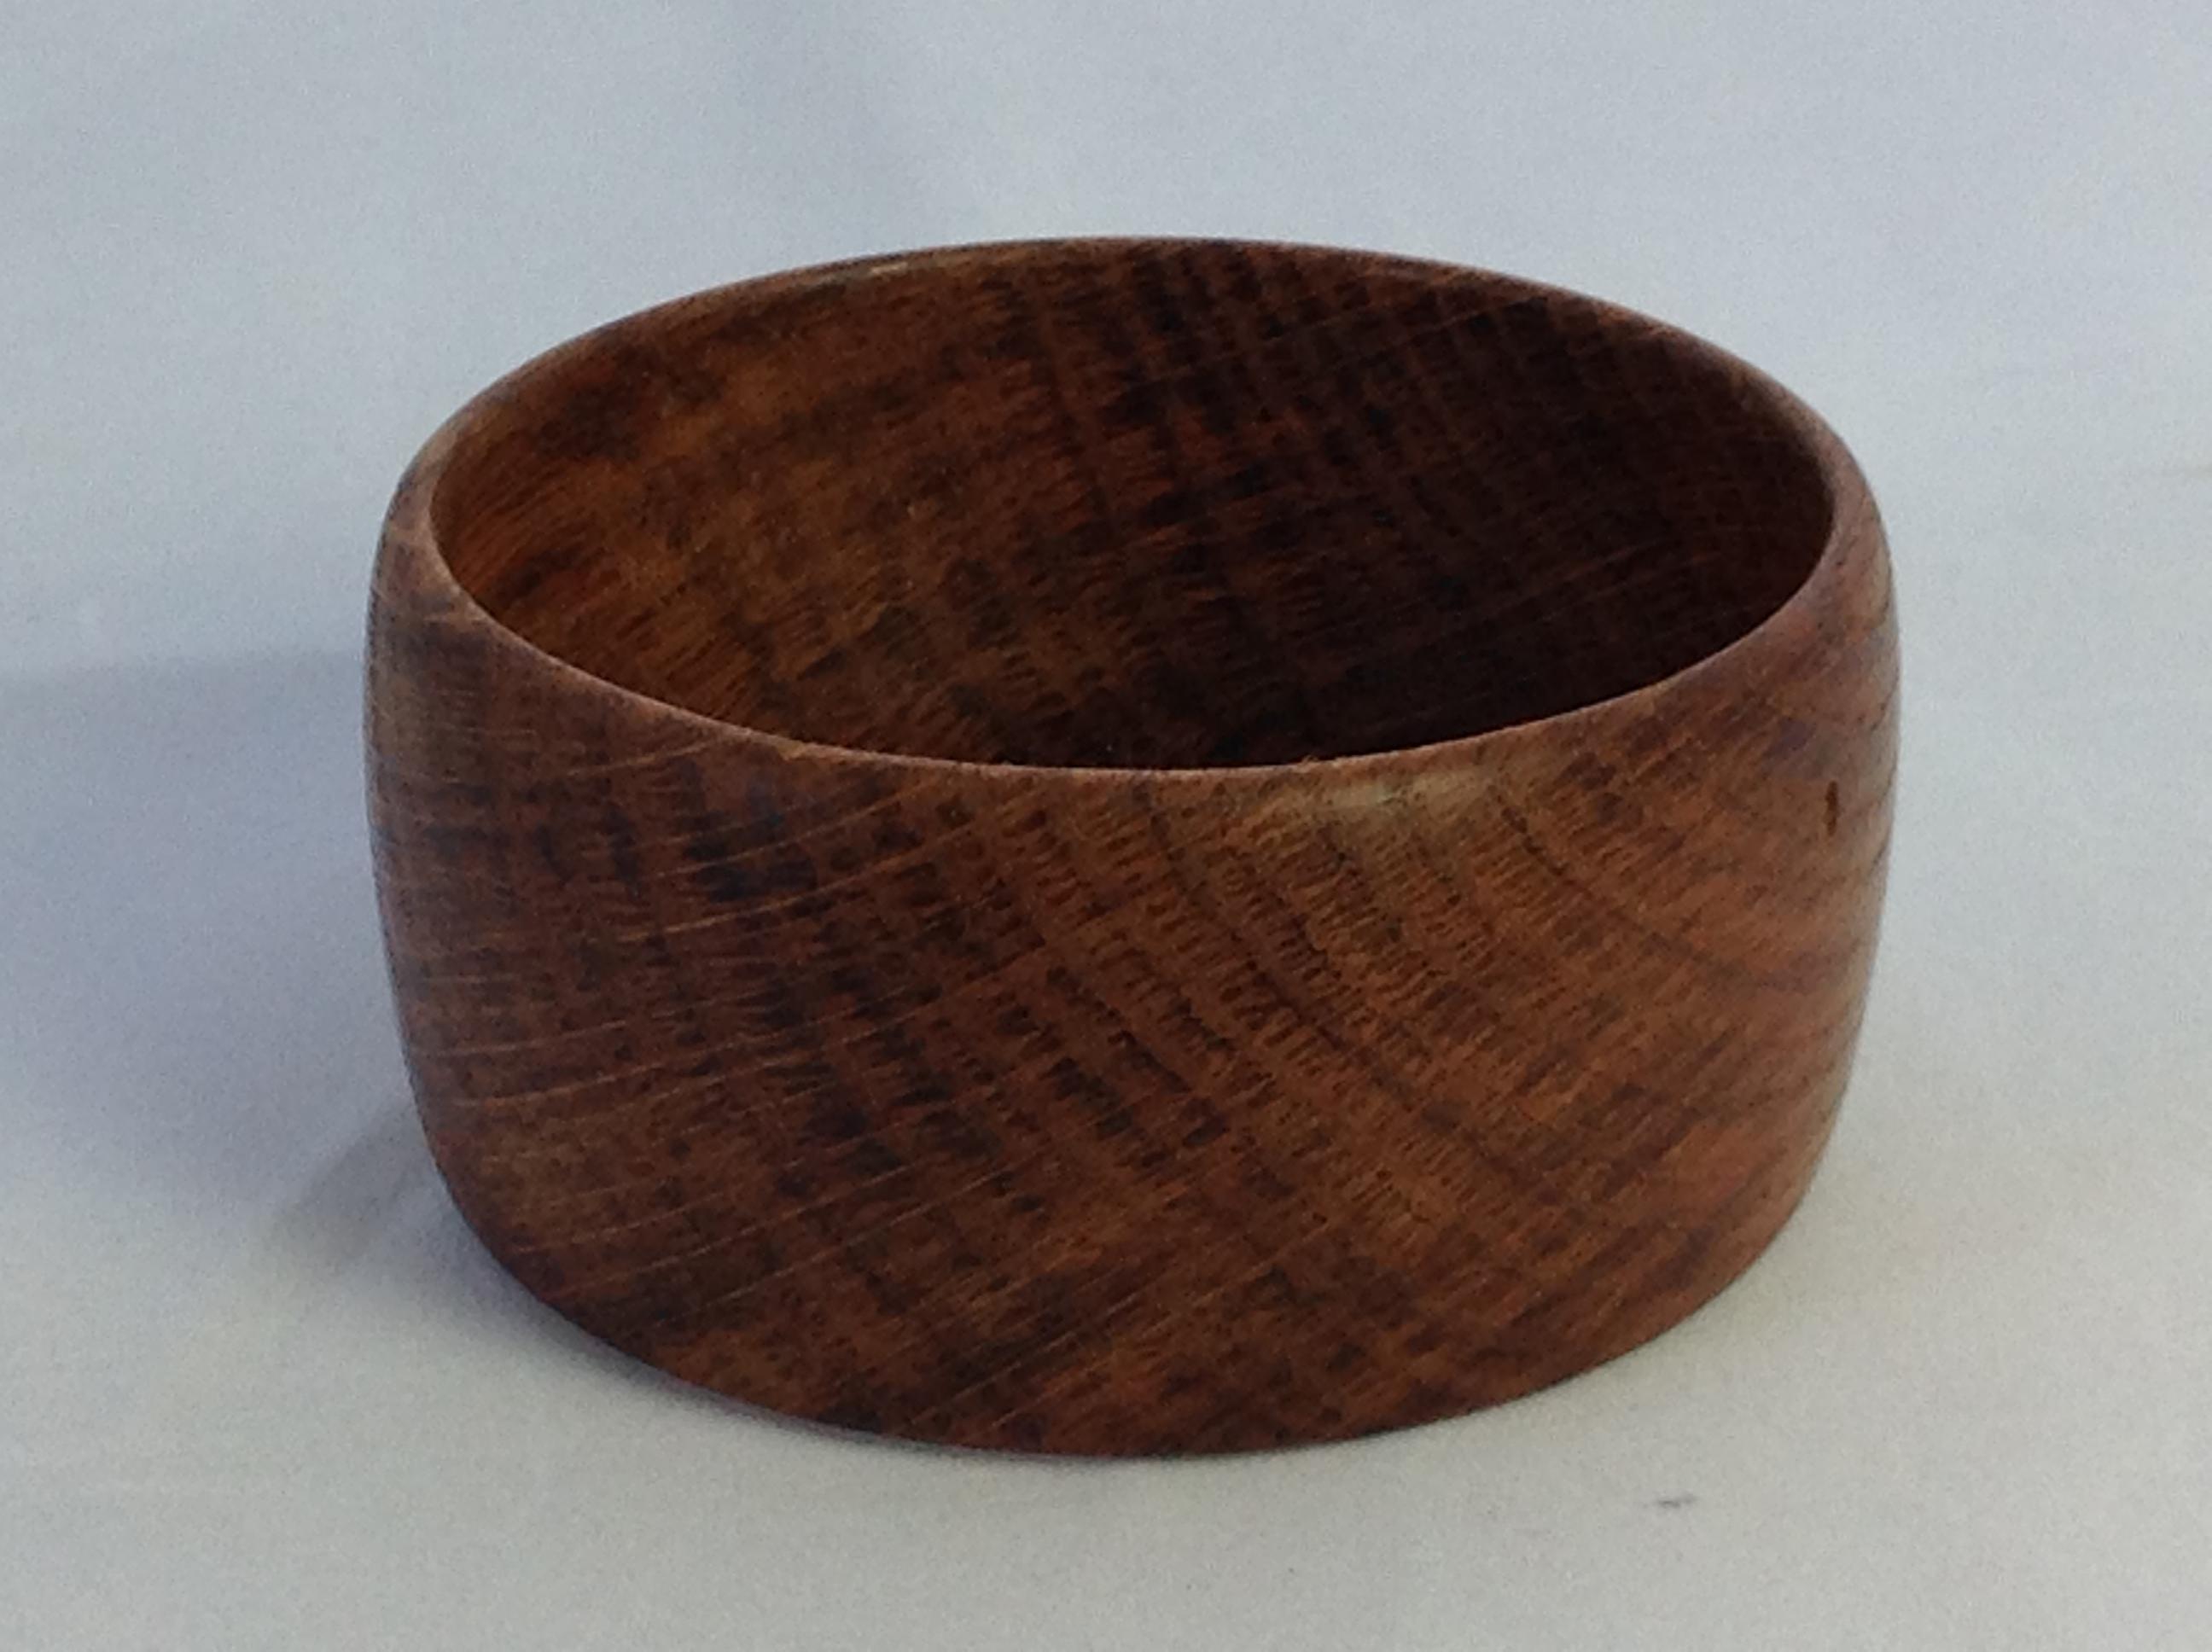 Brown oak cuff bangle